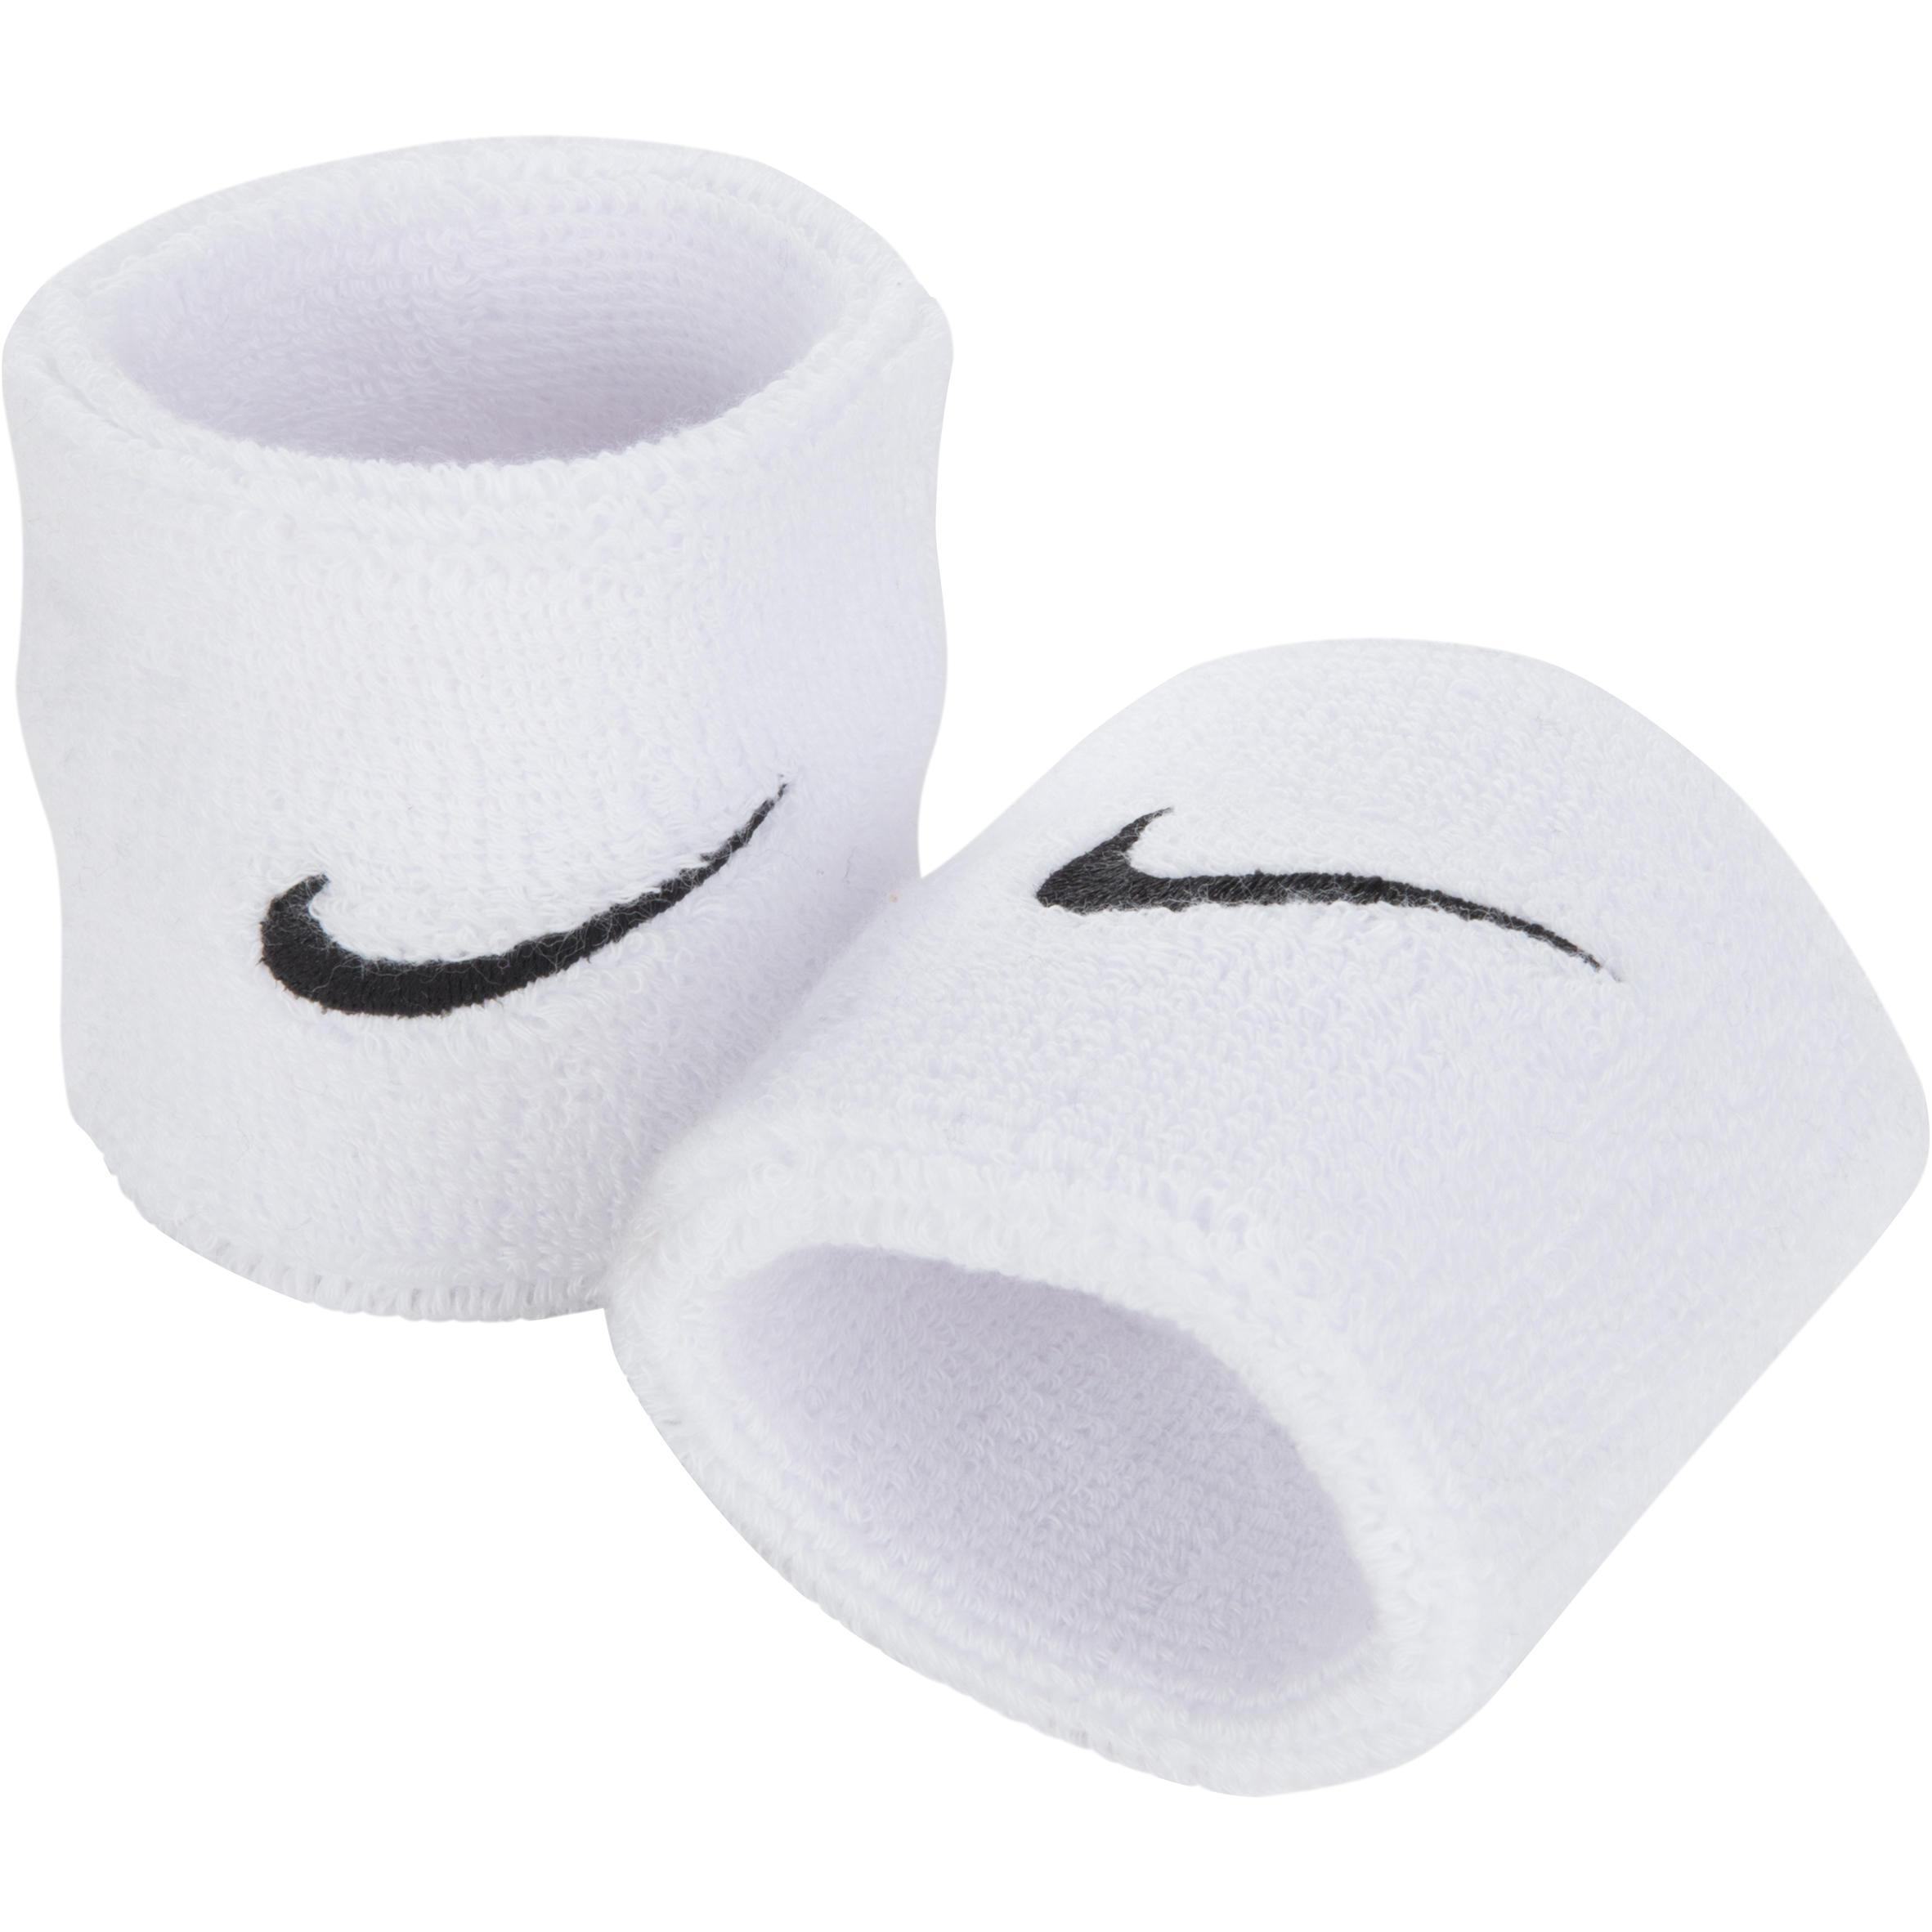 Nike Set van twee polsbandjes voor tennis/badminton/squash/padel/tafeltennis wit